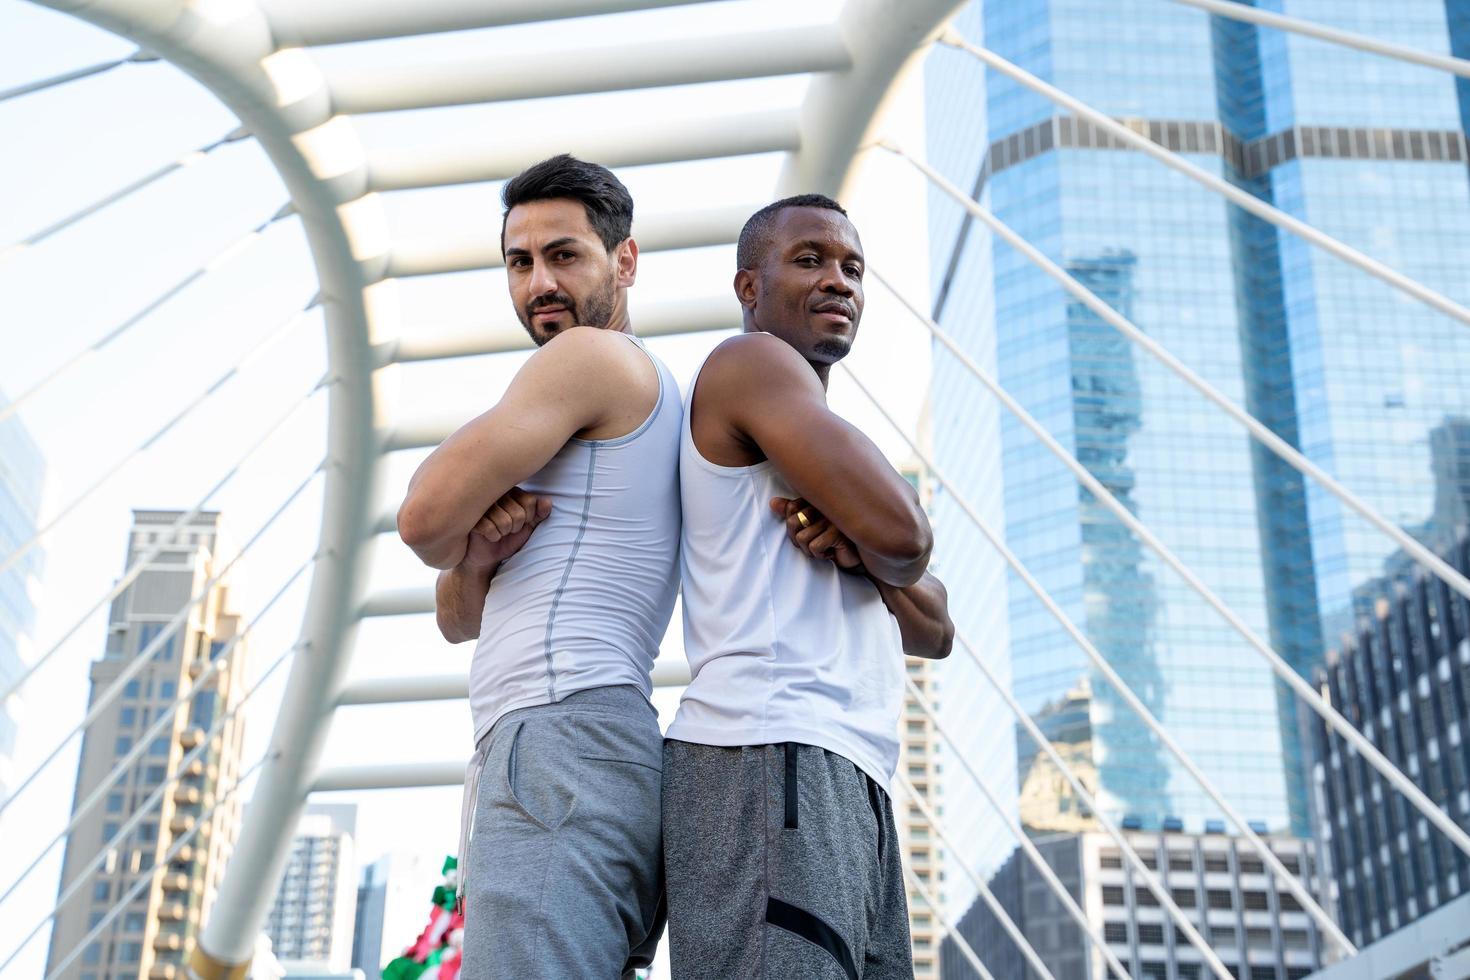 zwei Männer in Sportkleidung Rücken an Rücken stehend foto